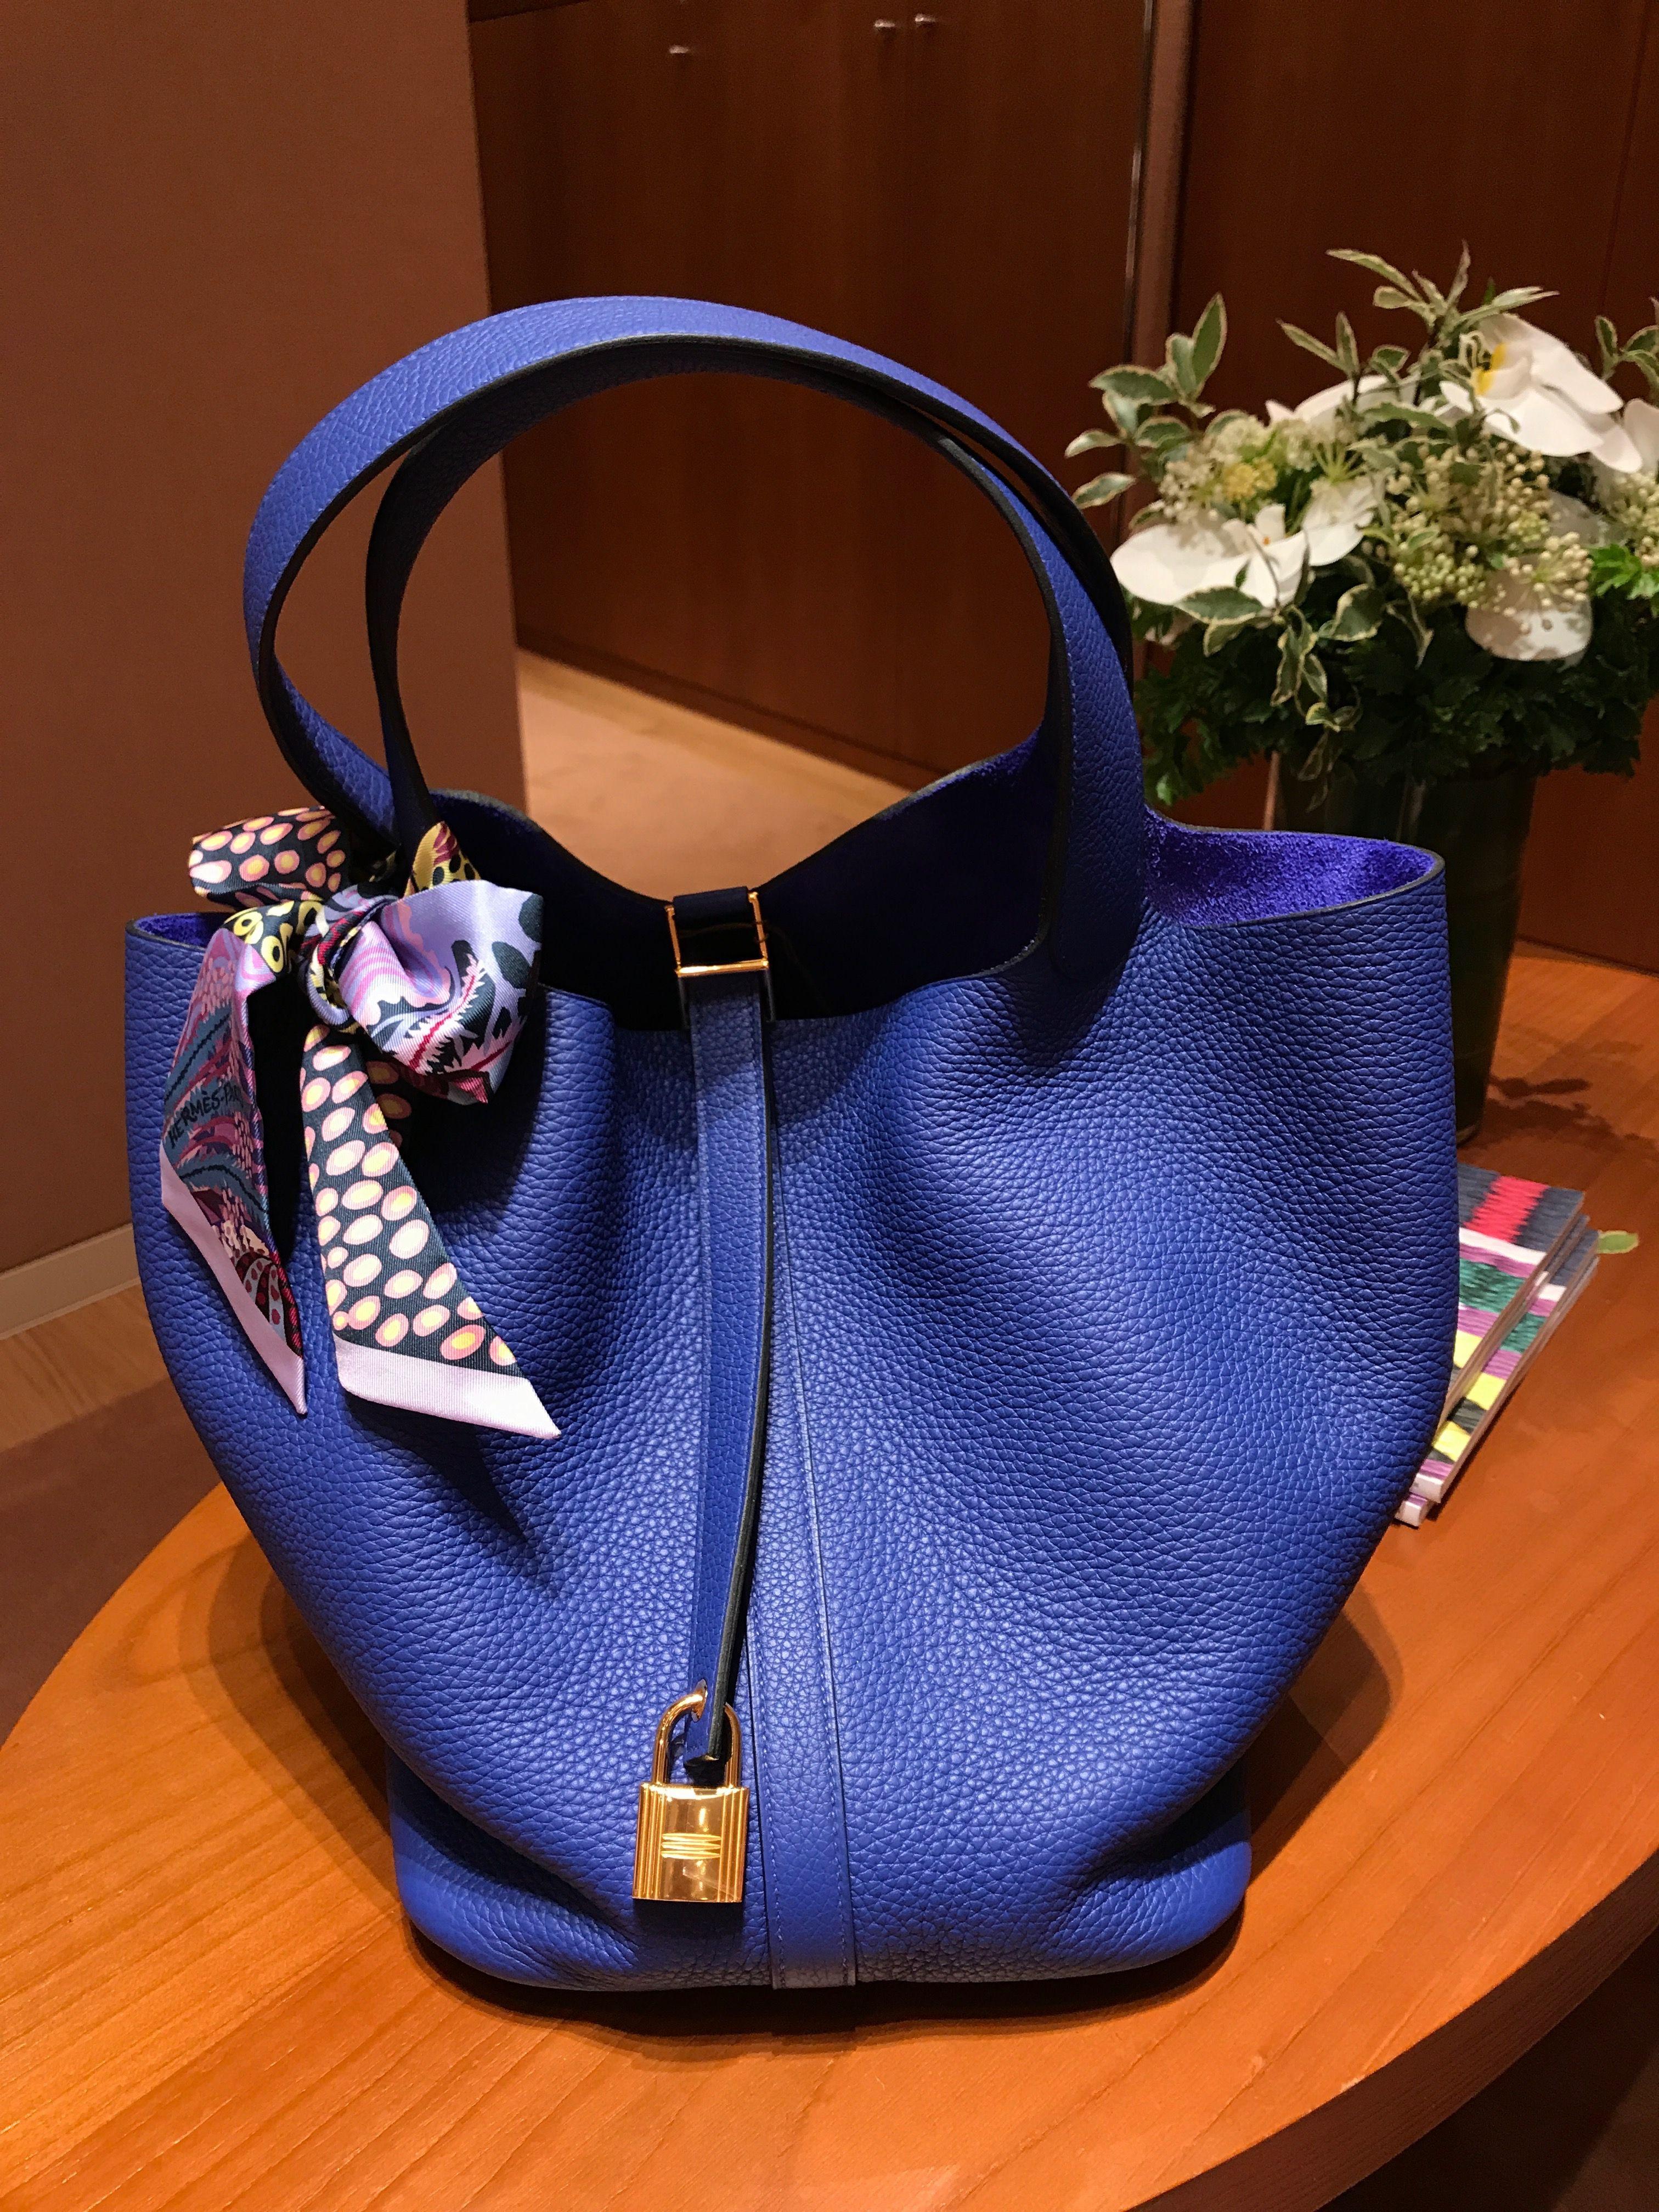 b96a1e2bfd5b Hermès Picotin Lock 26 Bleu Electrique